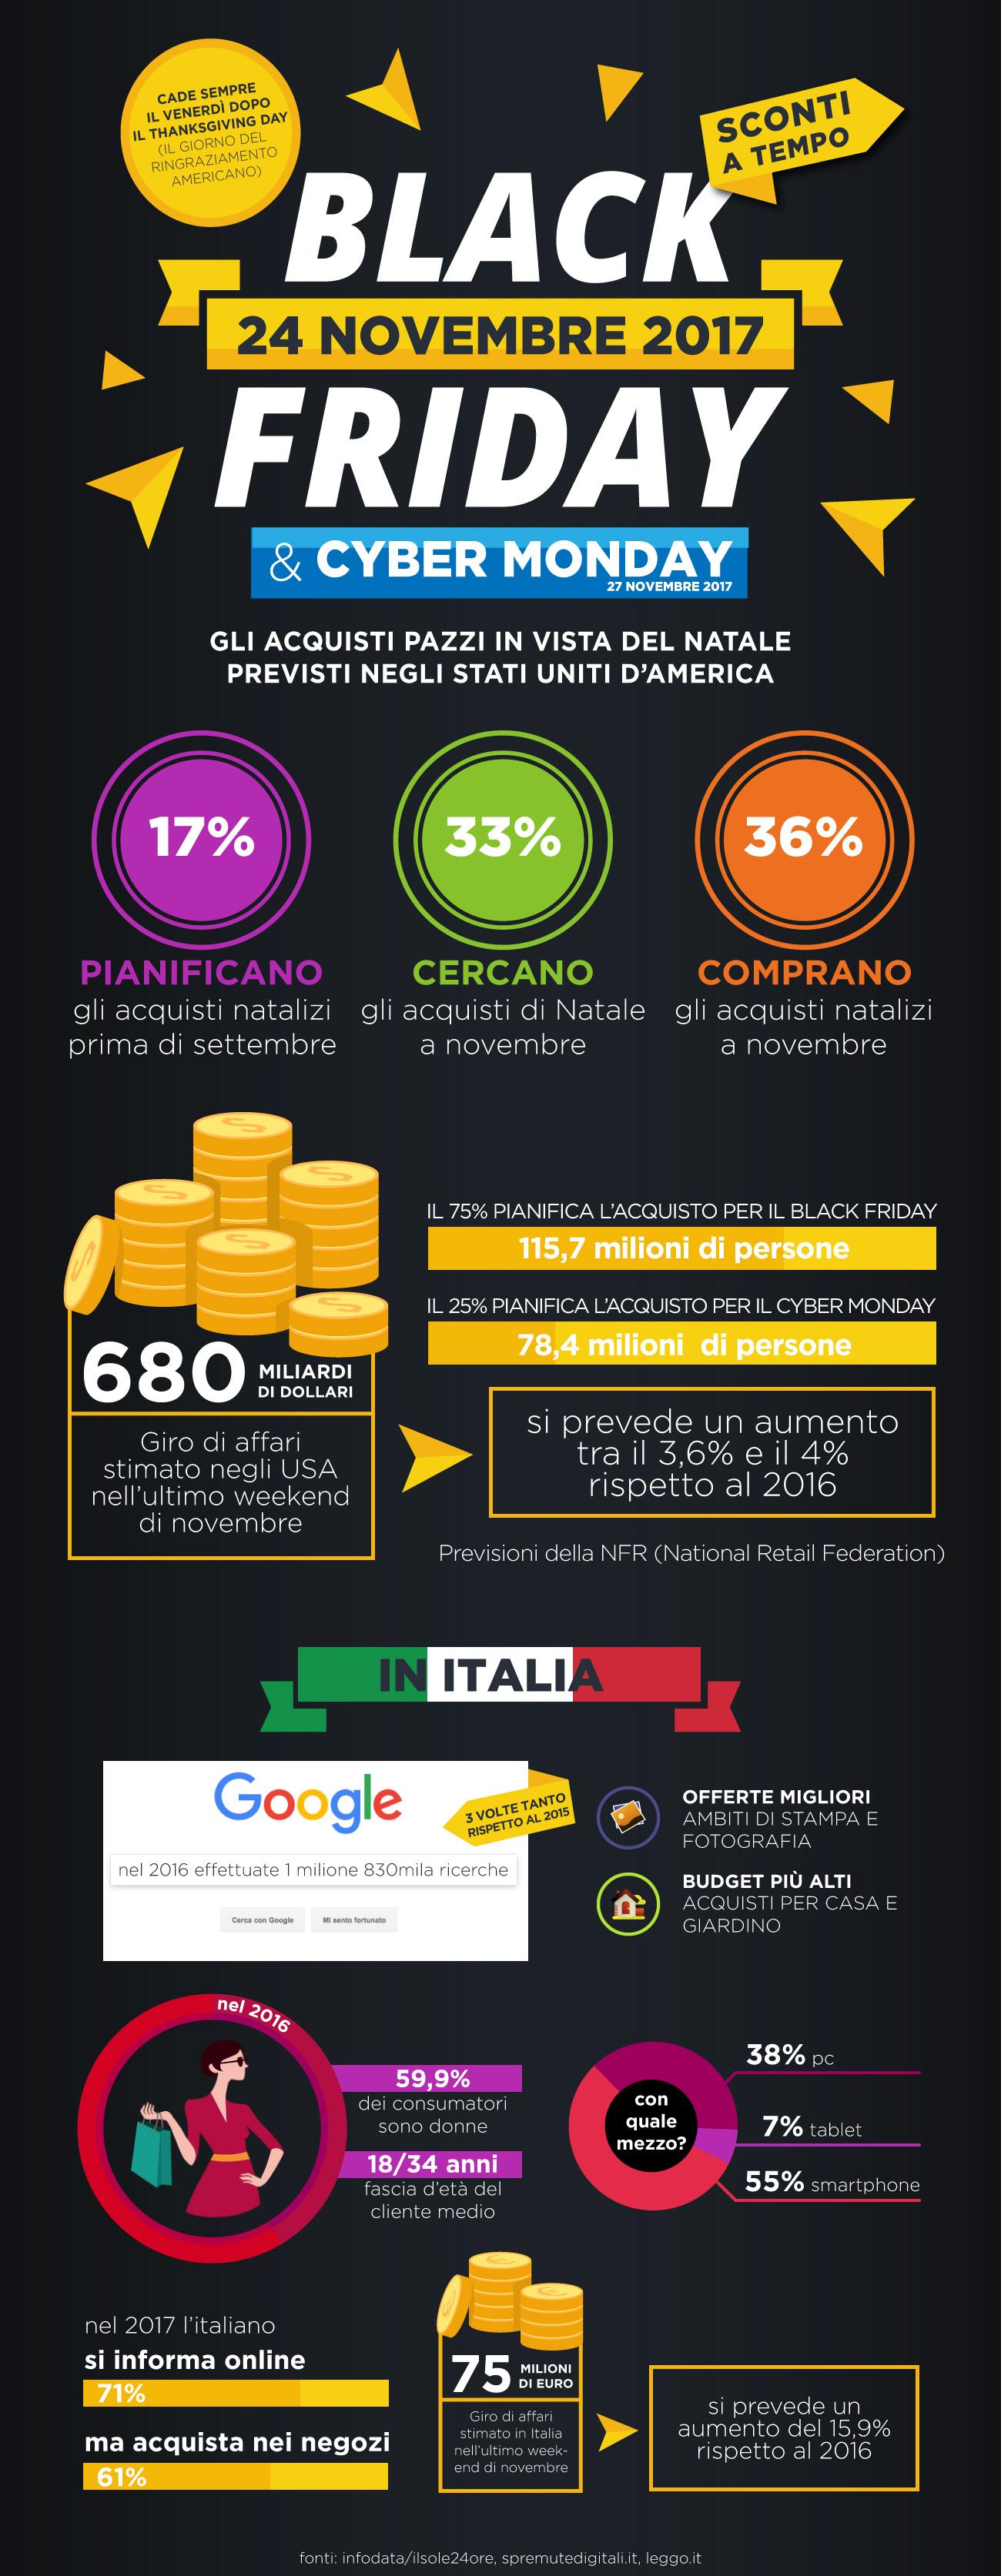 Cyber Monday e Black Friday 2017: come hanno reagito Italia ed Europa?